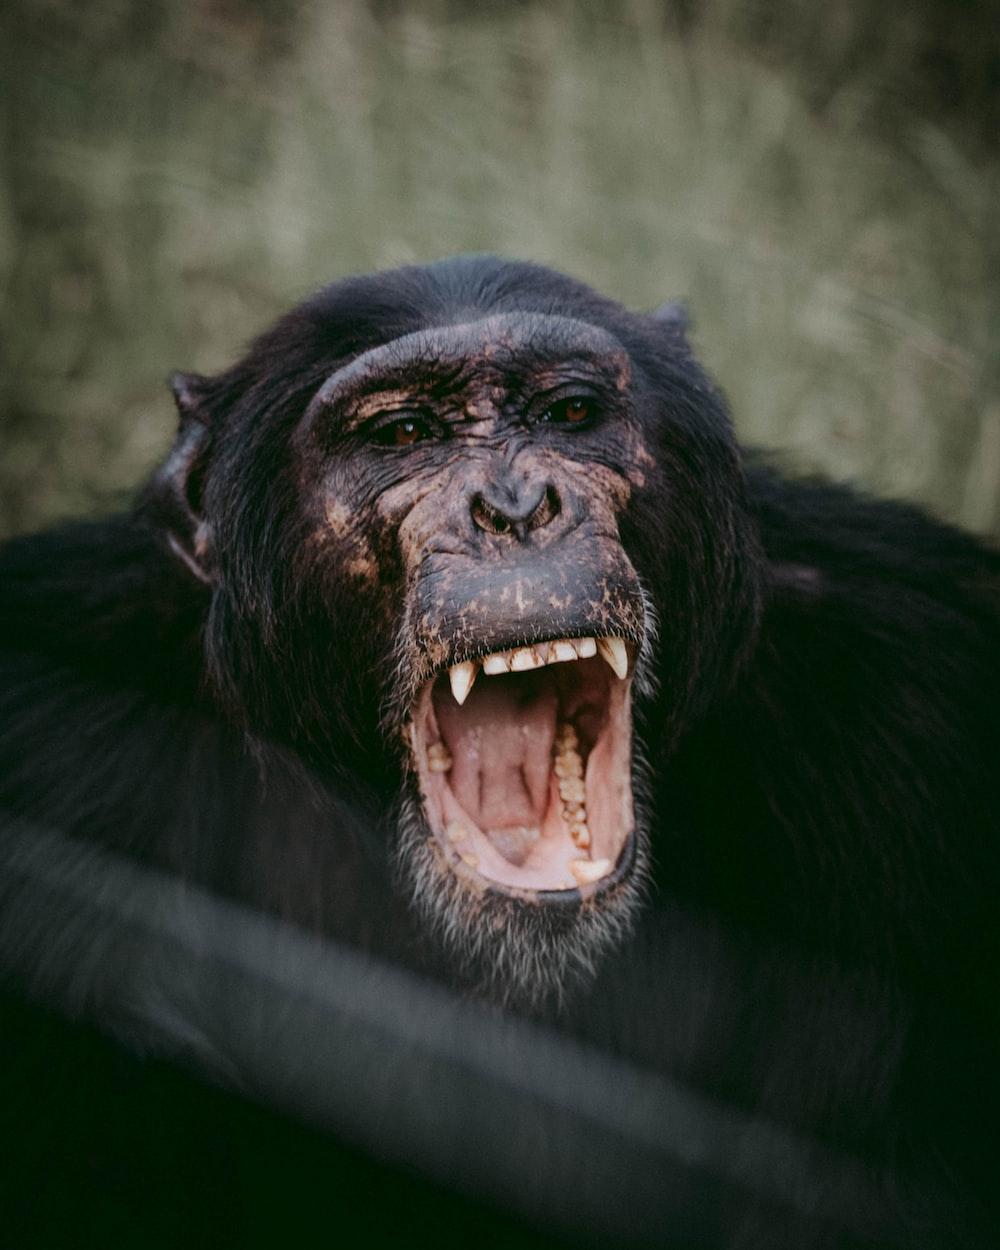 opened mouth chimpanzee